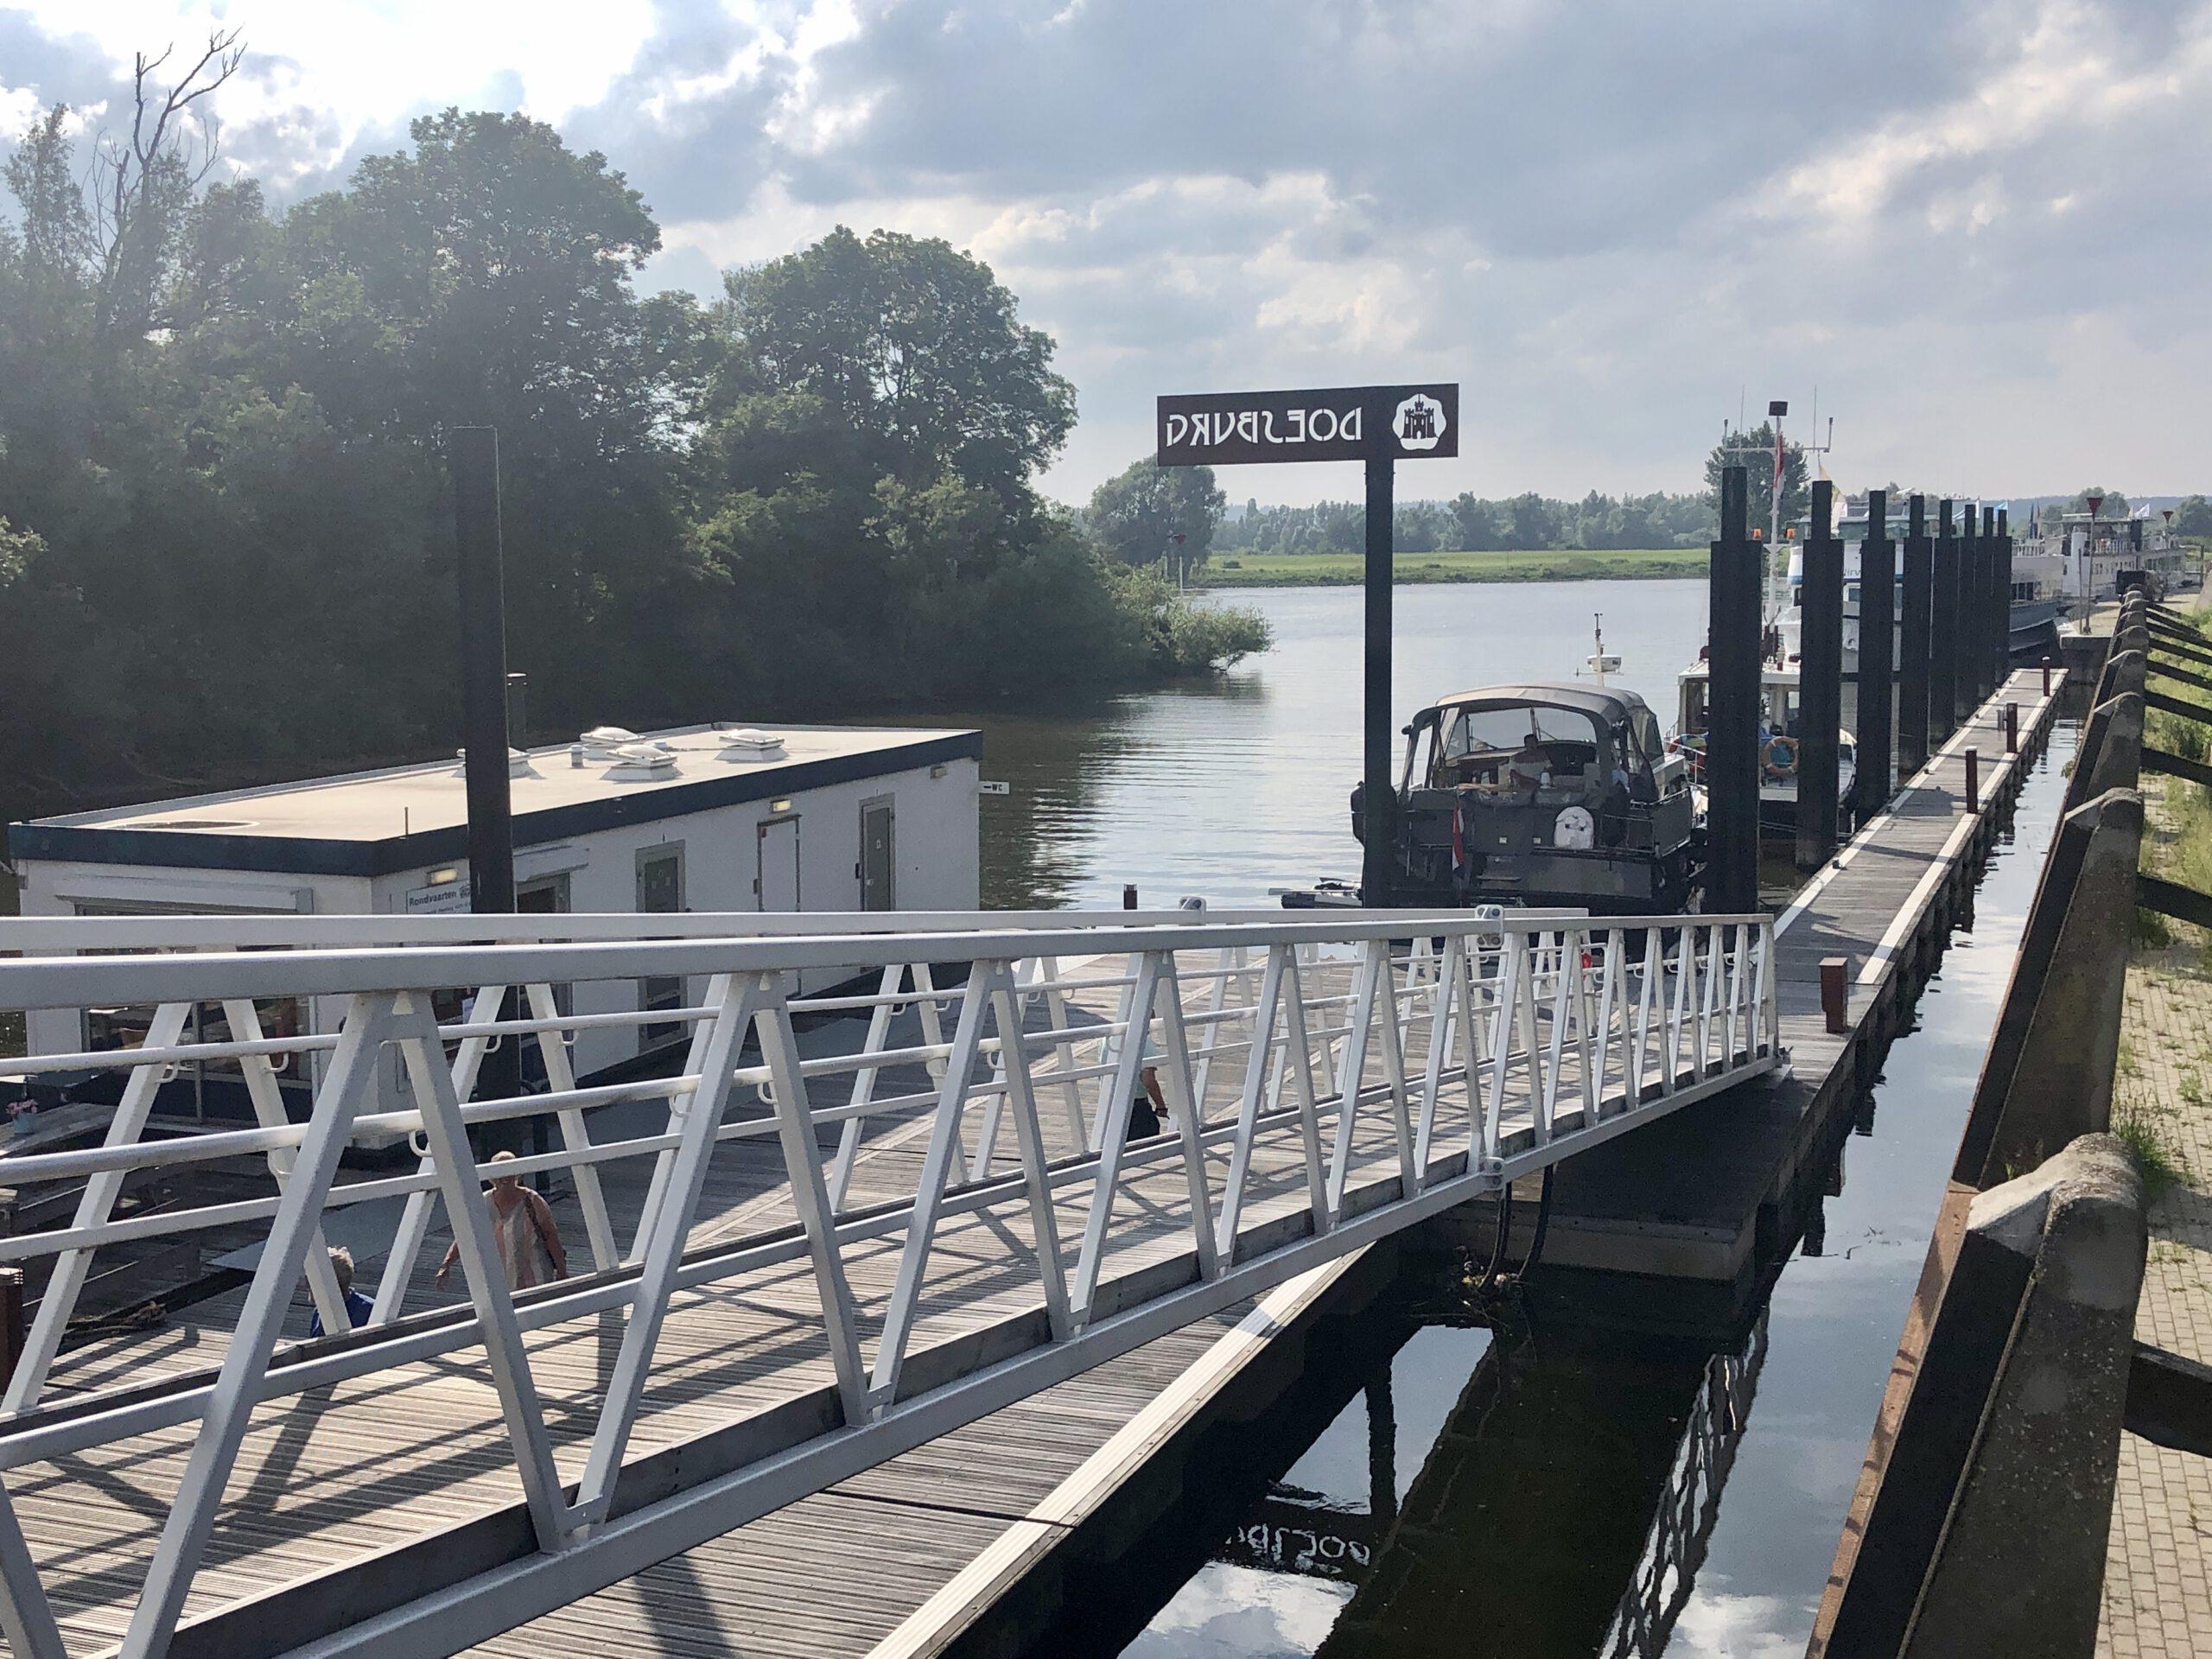 Passantenhafen in Doesburg